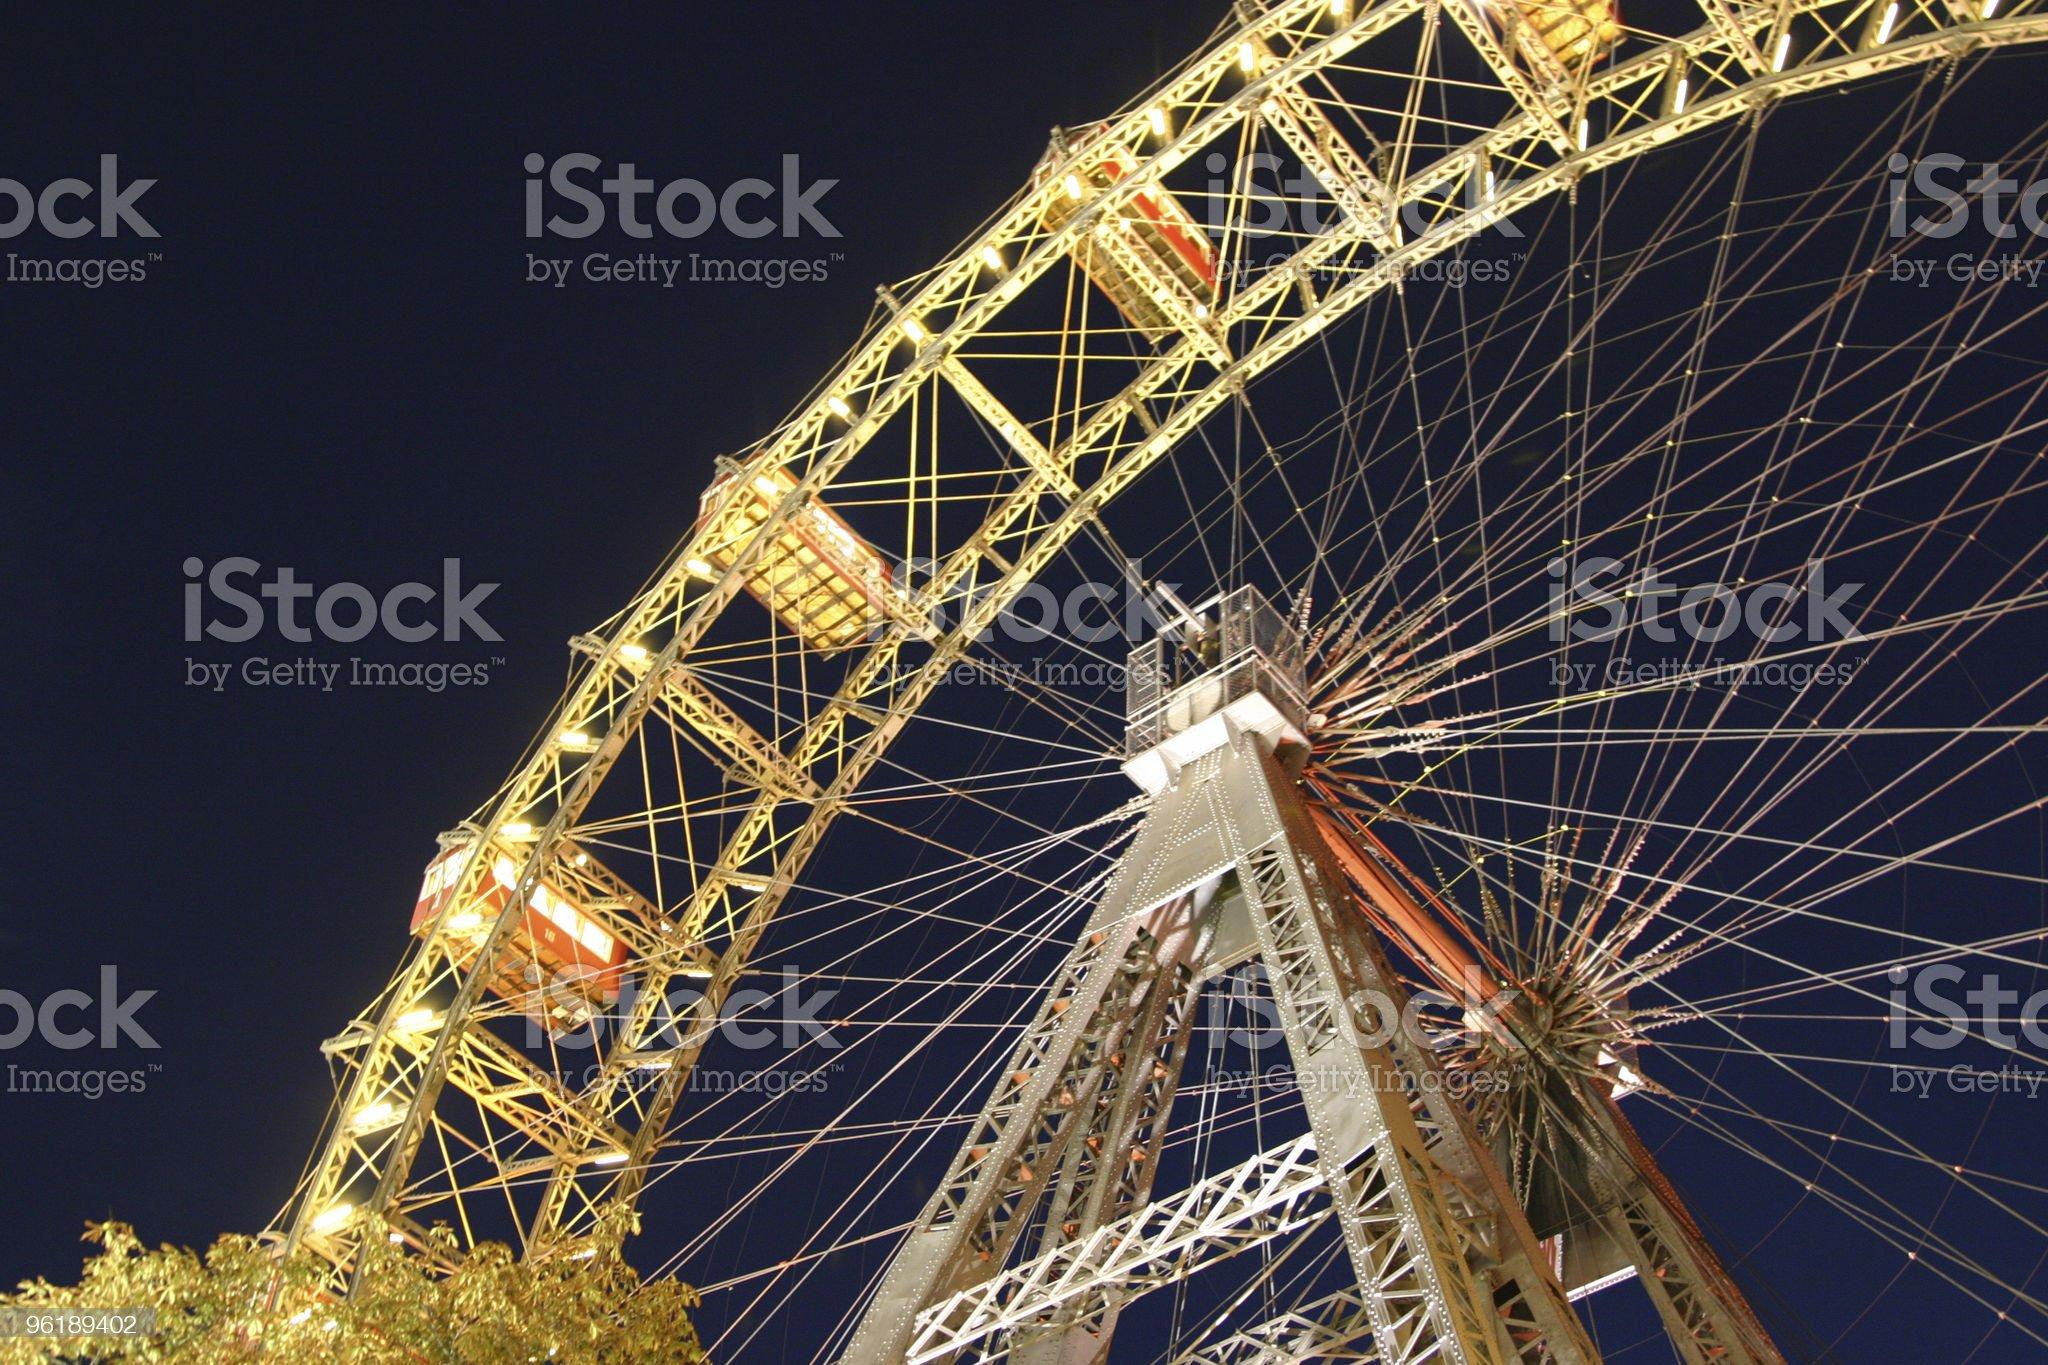 Vienna - Giant wheel royalty-free stock photo